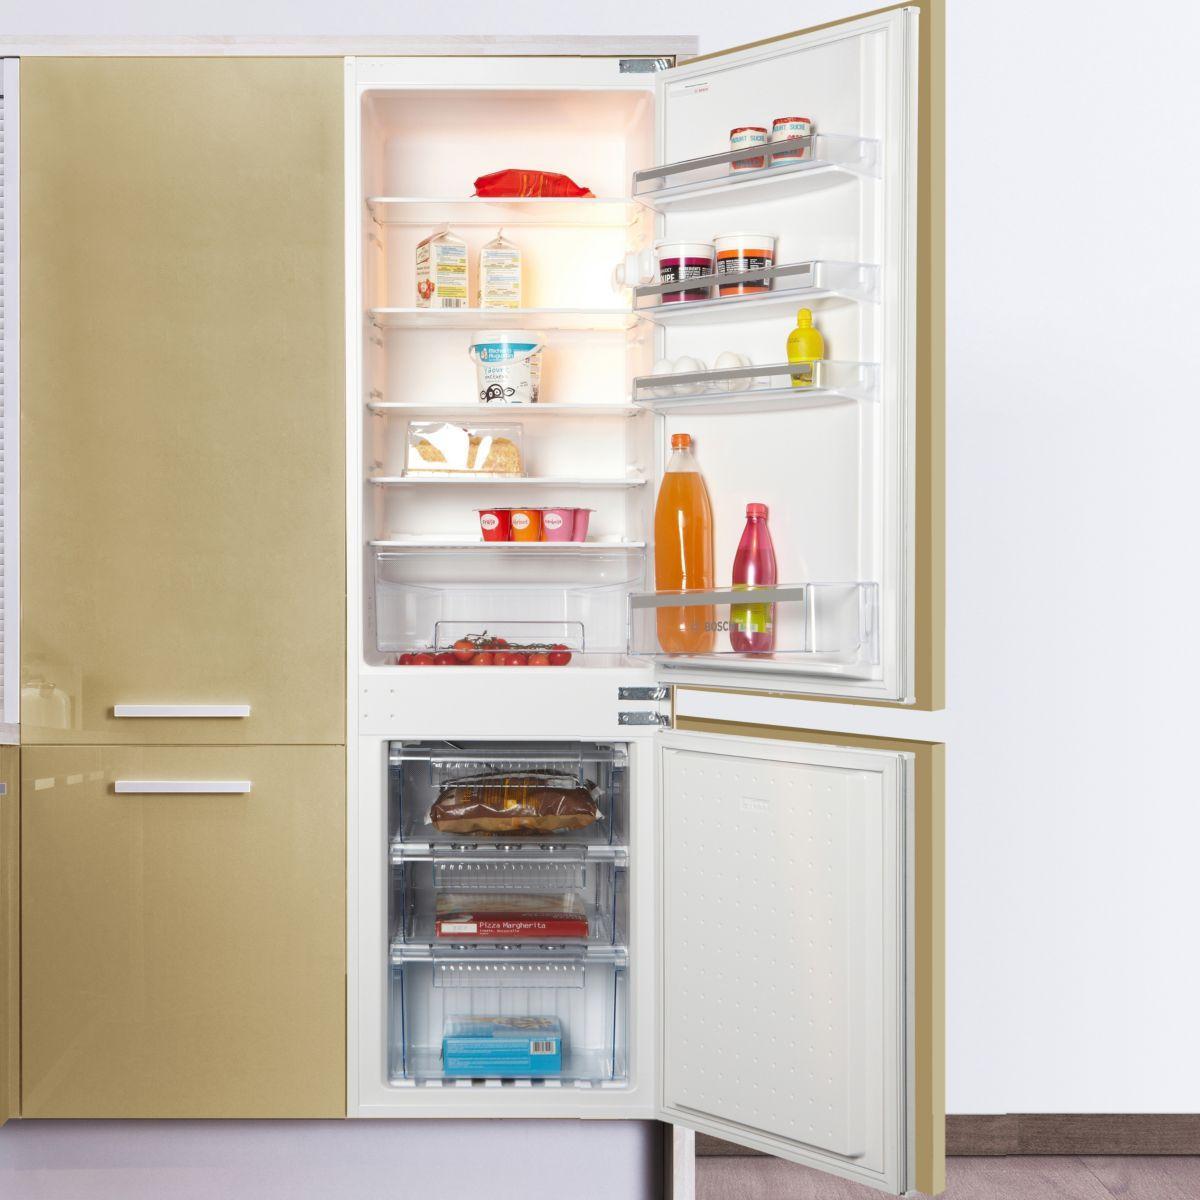 Réfrigérateur encastrable bosch kiv34v21ff - 2% de remise immédiate avec le code : cool2 (photo)